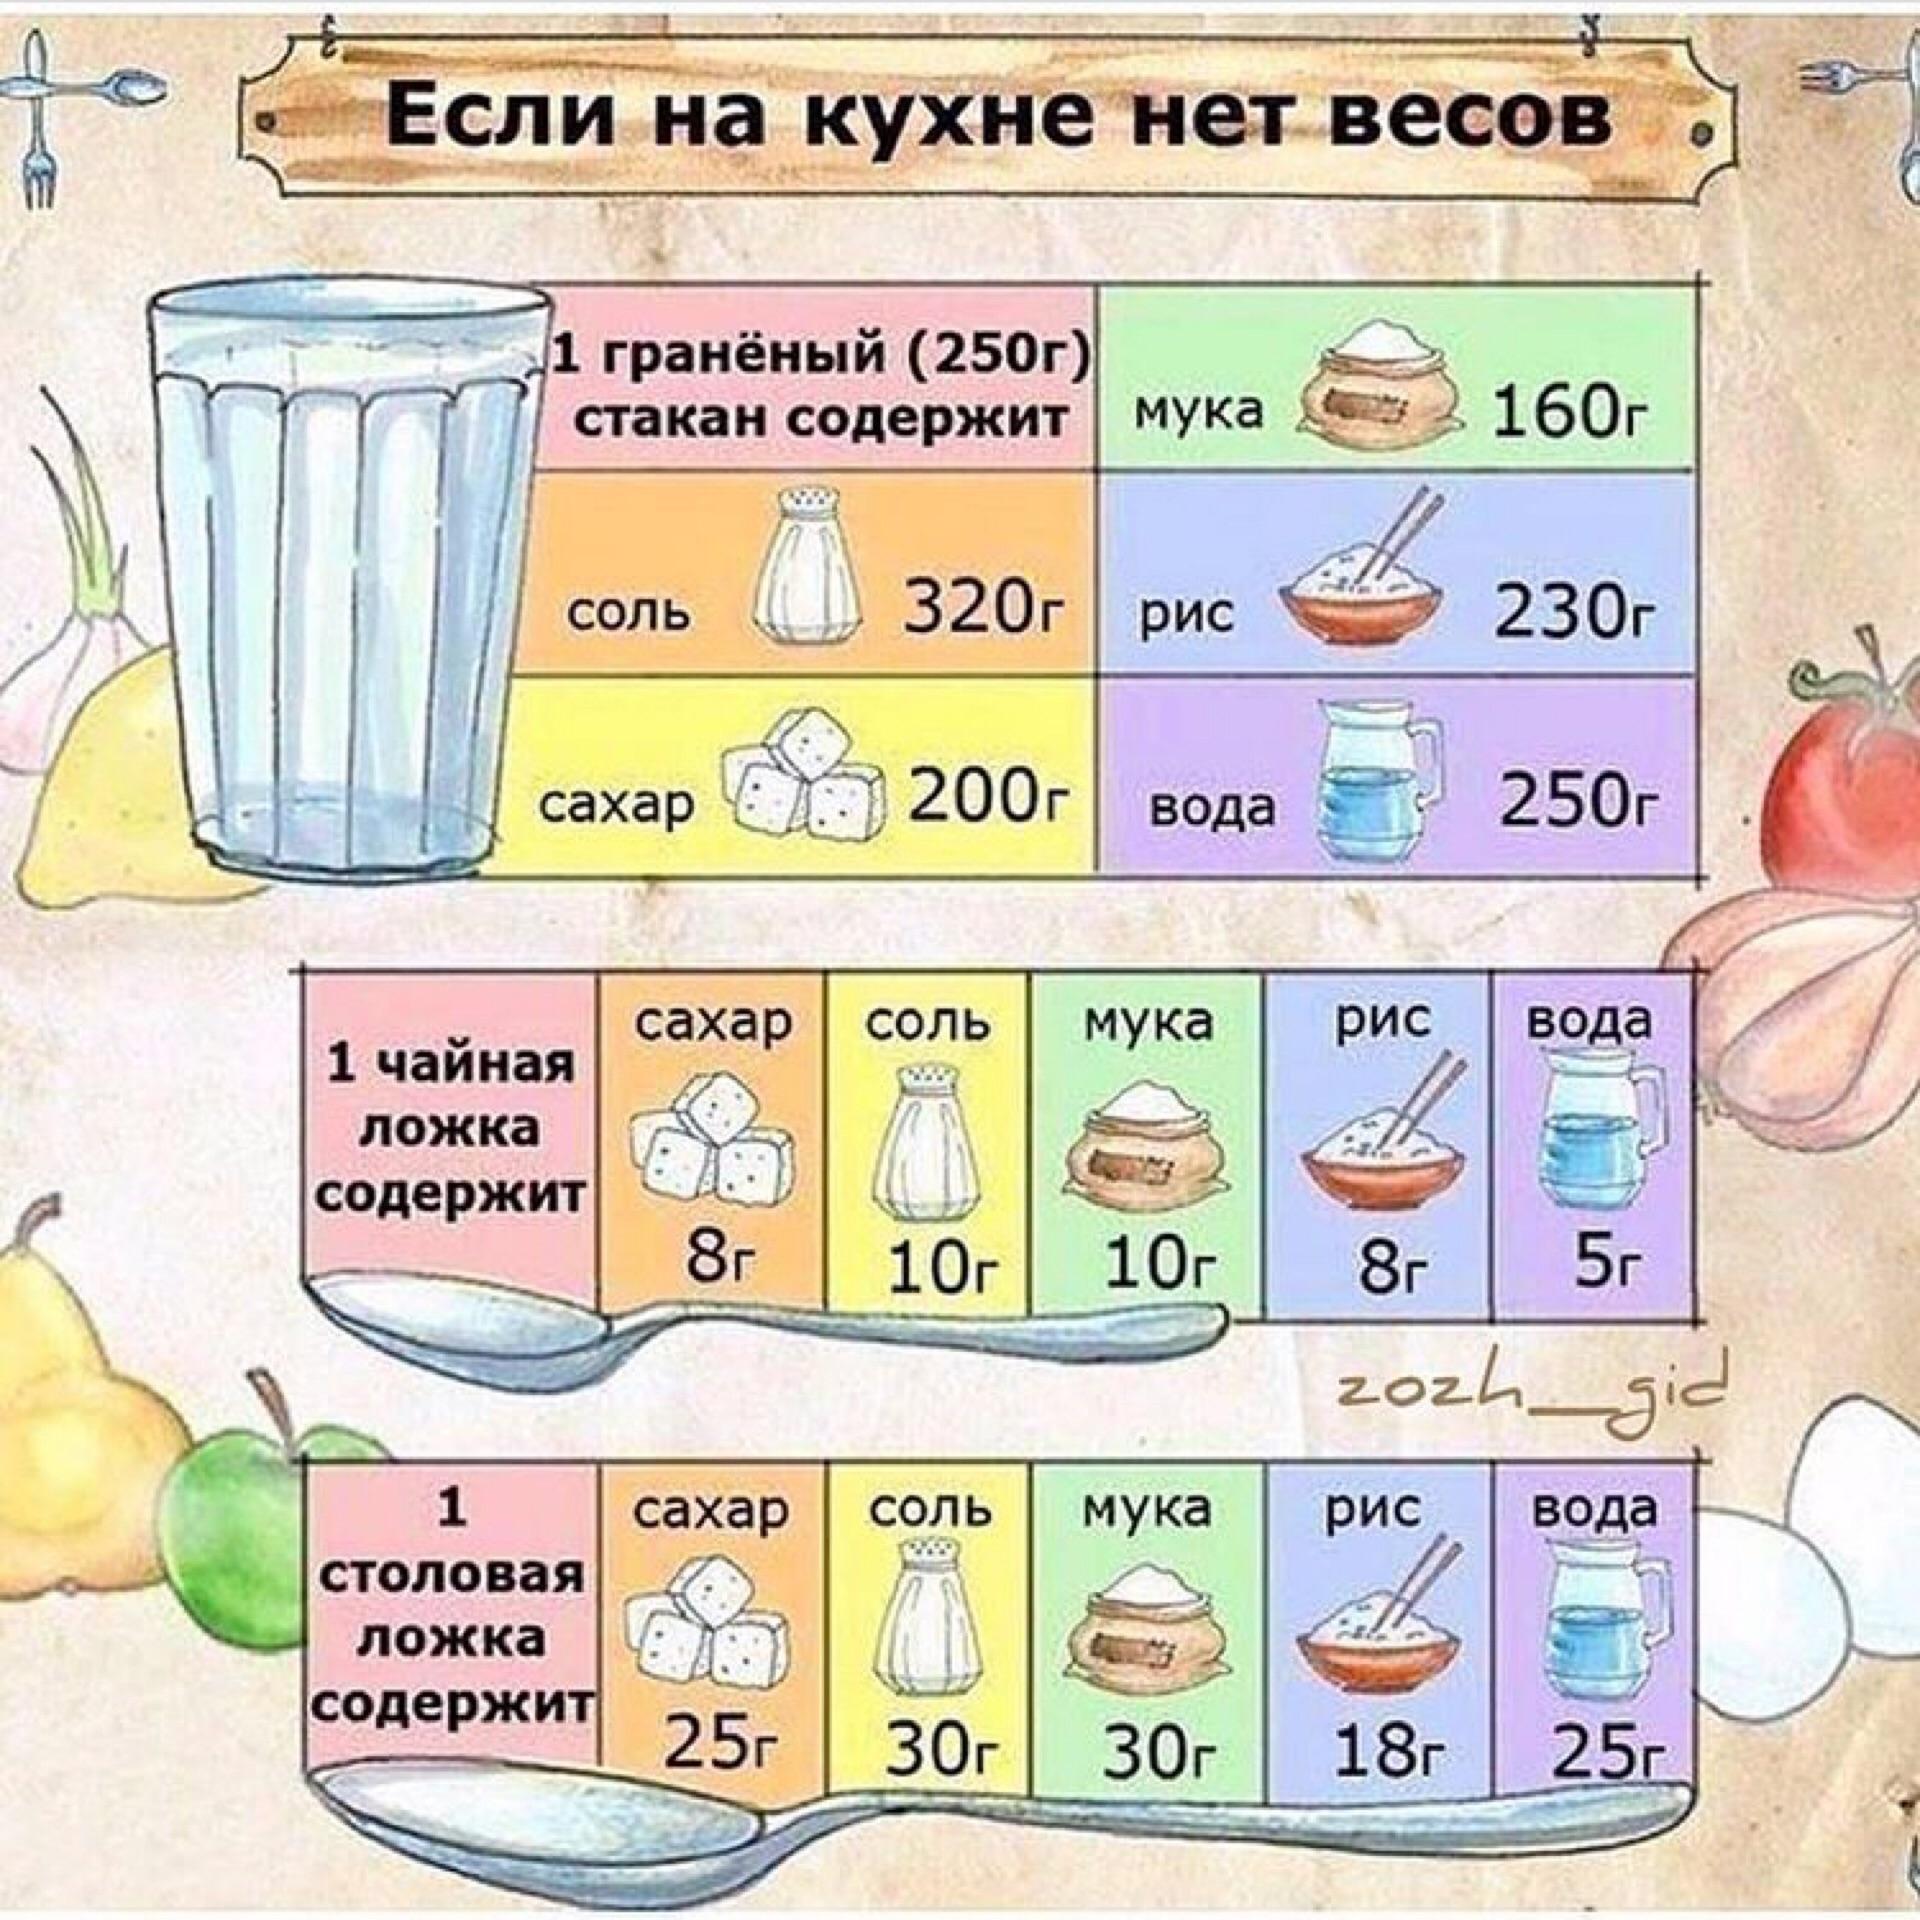 сколько весят продукты в стакане